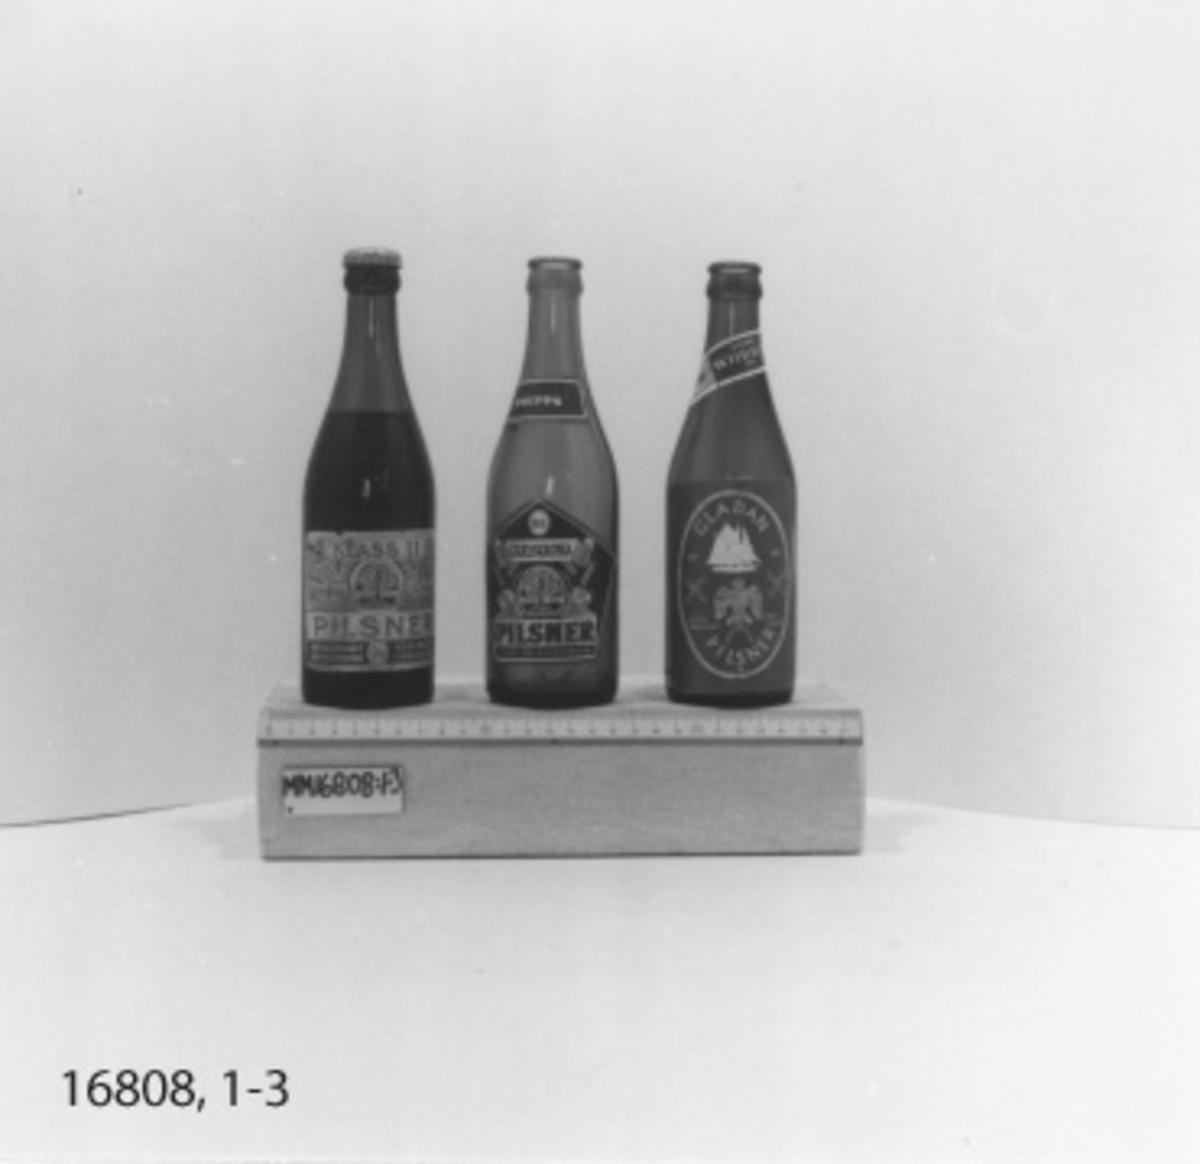 """1 flaska, 33 cl, i brunt glas med kapsyl av vitmetall. Rektangulär etikett, vit botten, tryck i grönt och guld med text= """"Klass II Pilsner Aktiebolaget förenade bryggerierna i Carlskrona"""". Fabriksmärke bestående av oval med träd i kronan bokstäverna T och B i kombination. Även mindre oval med bokstäverna T och B i kombination inom ett G. Veteax och banderoller. I botten H 49 och tre blommor. Pilsner kvar i den oöppnade flaskan."""